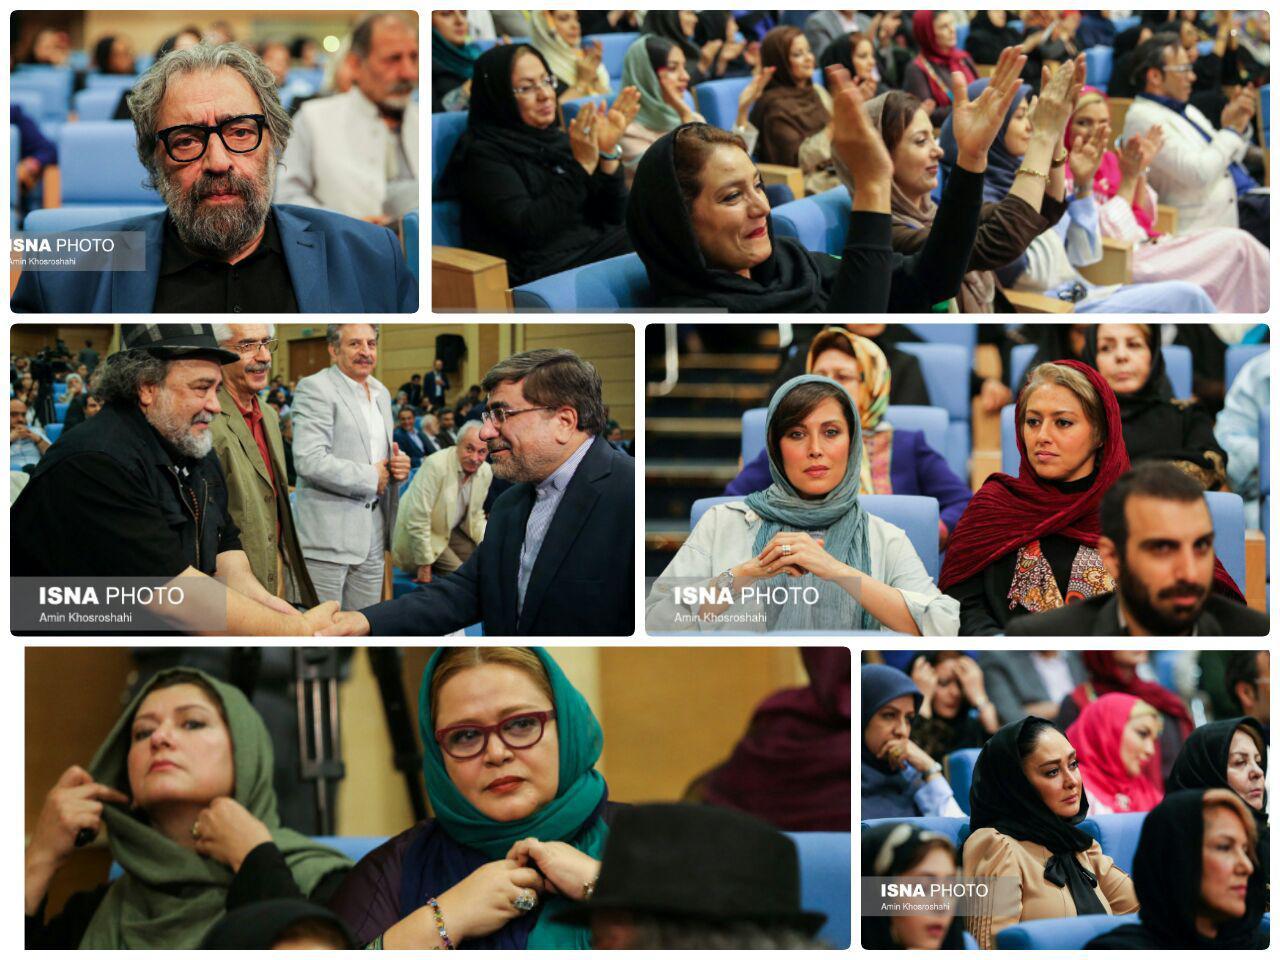 گزارش تصویری ضیافت افطار رییس جمهور با اصحاب فرهنگ و هنر